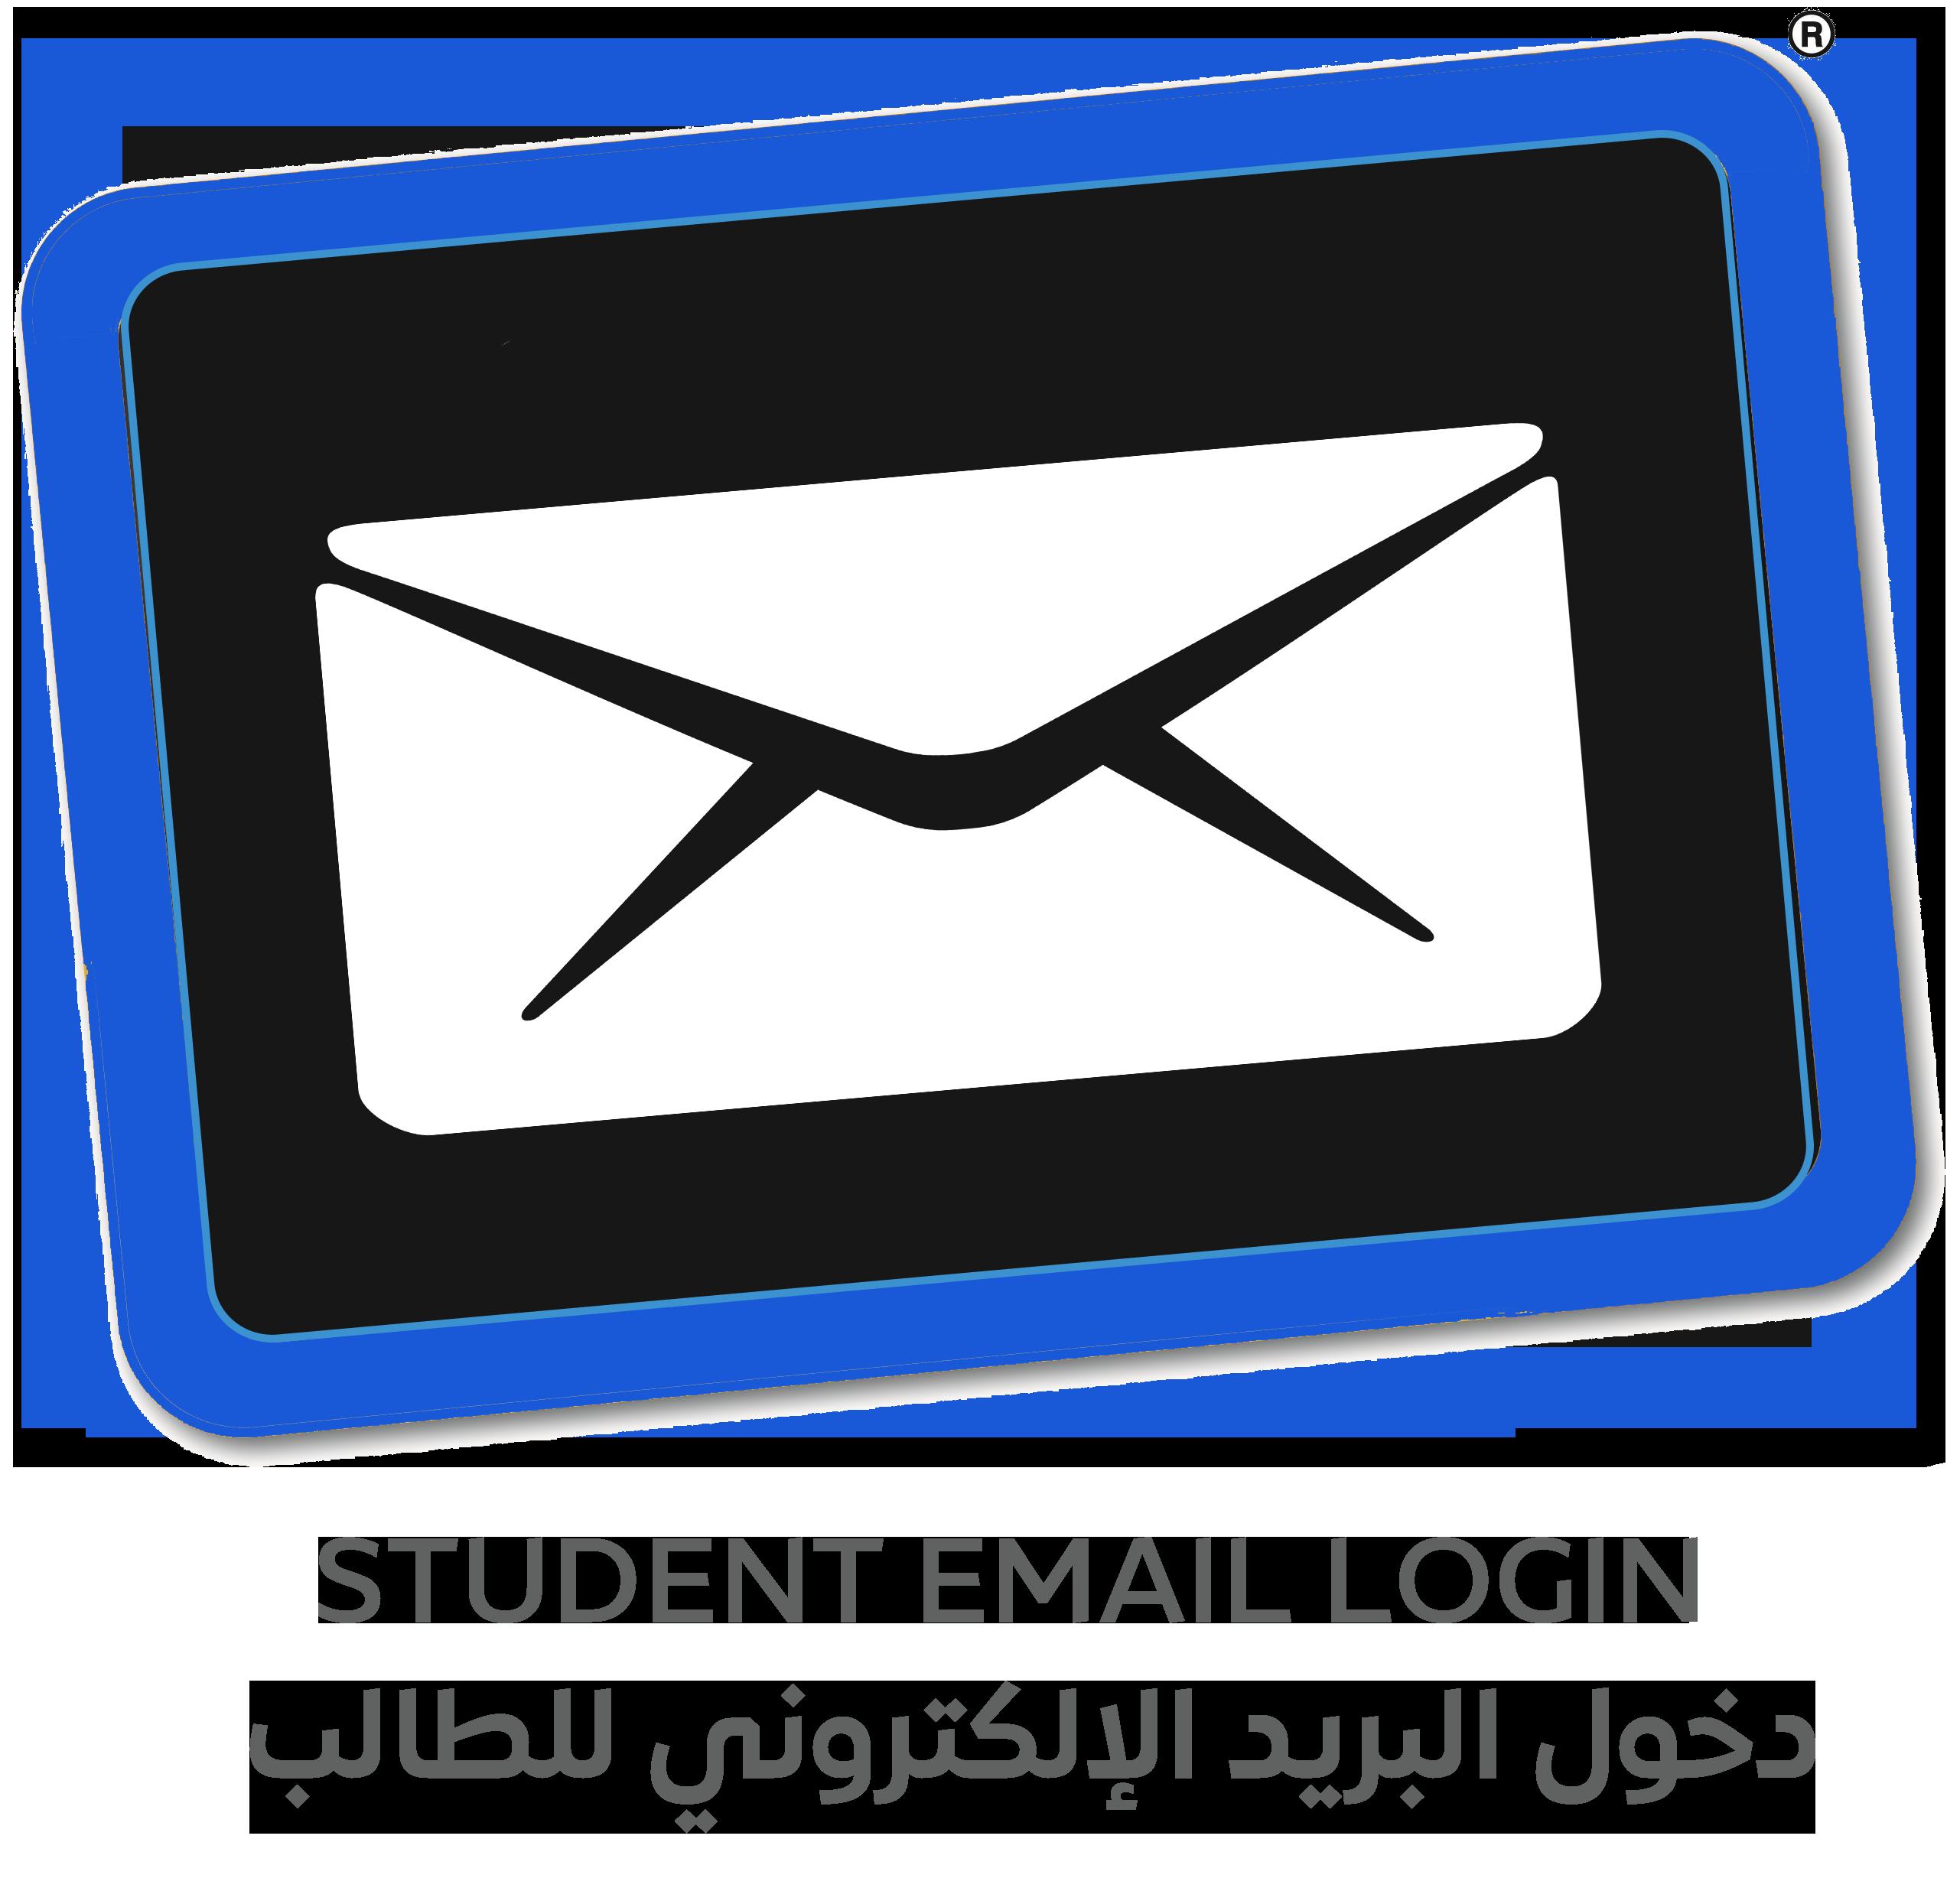 البريد الجامعي